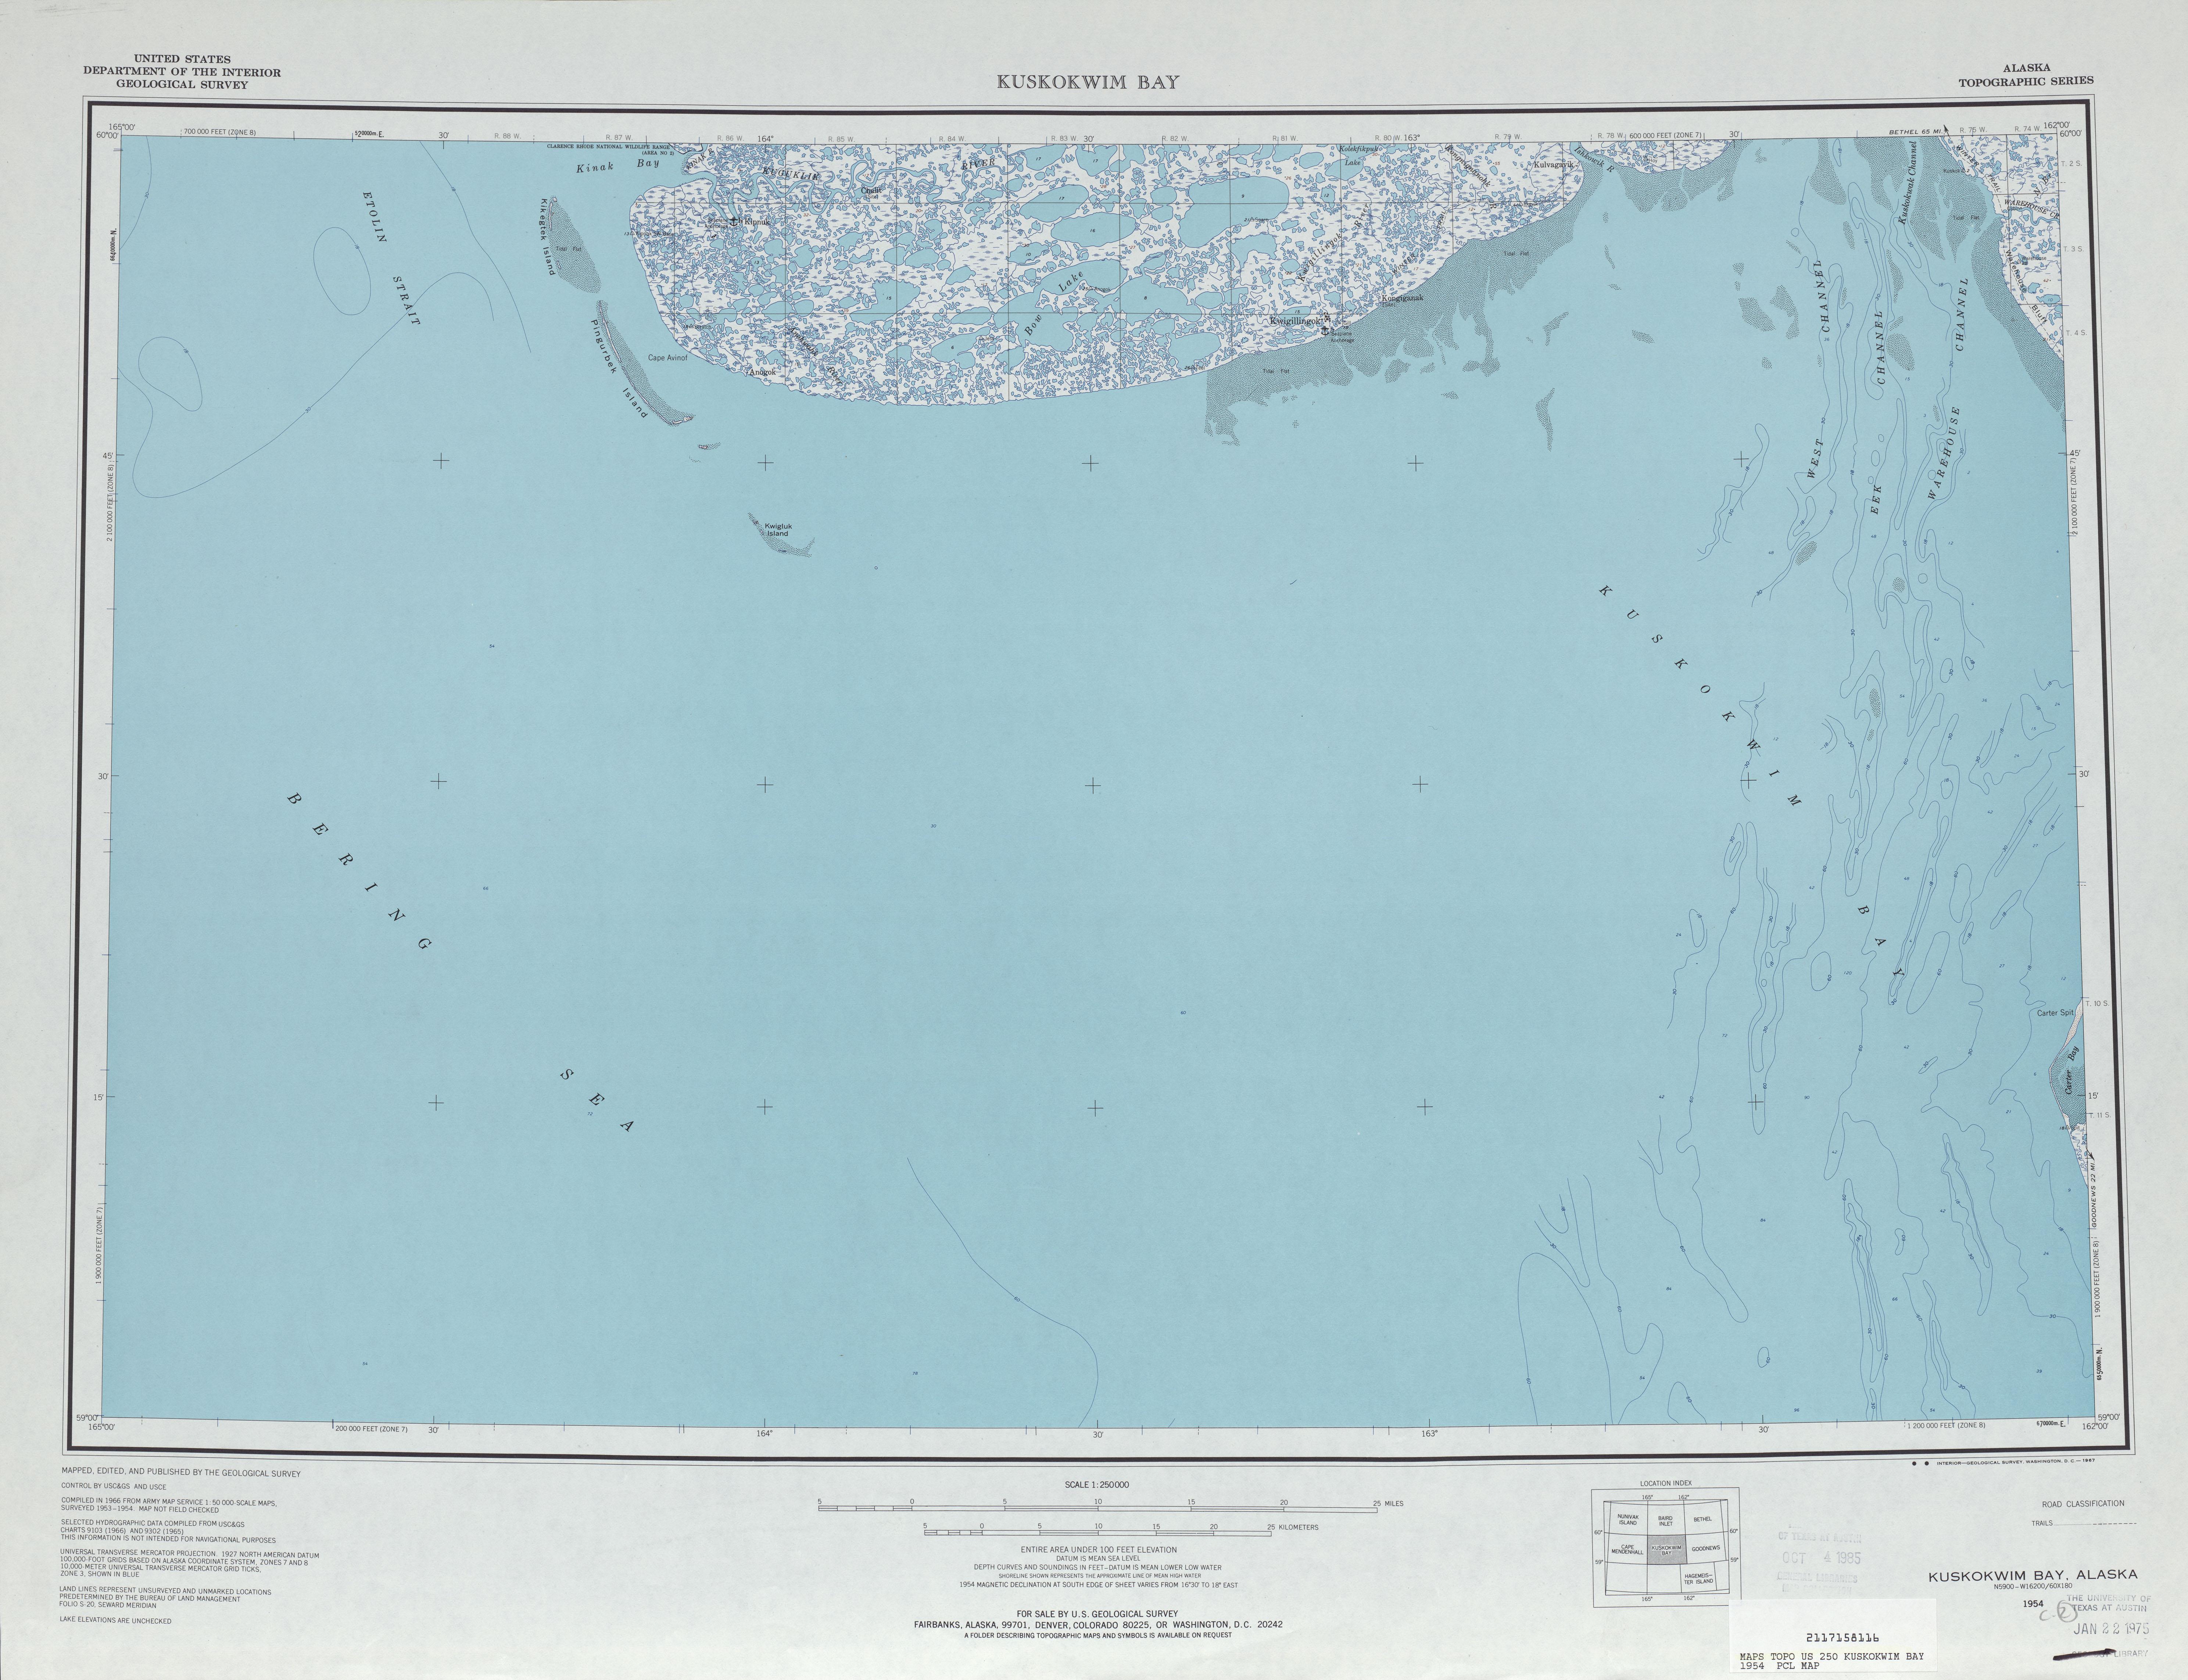 Hoja Kuskokwim Bay del Mapa Topográfico de los Estados Unidos 1954